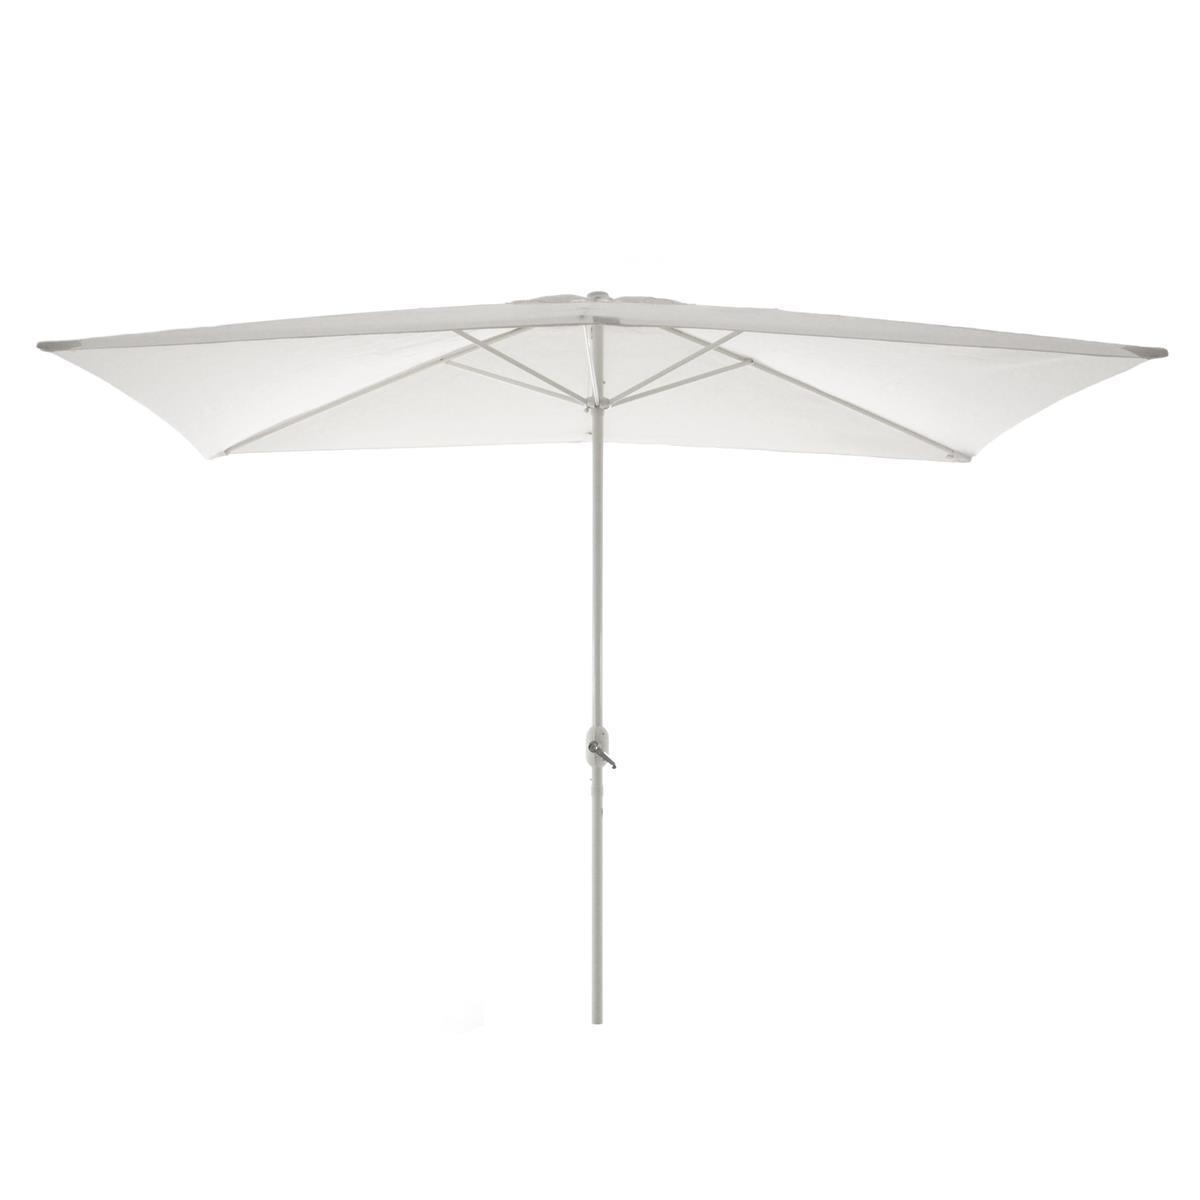 Sonnenschirm eckig 2x3m weiß mit Kurbel Marktschirm Rechteckschirm Sonnenschutz